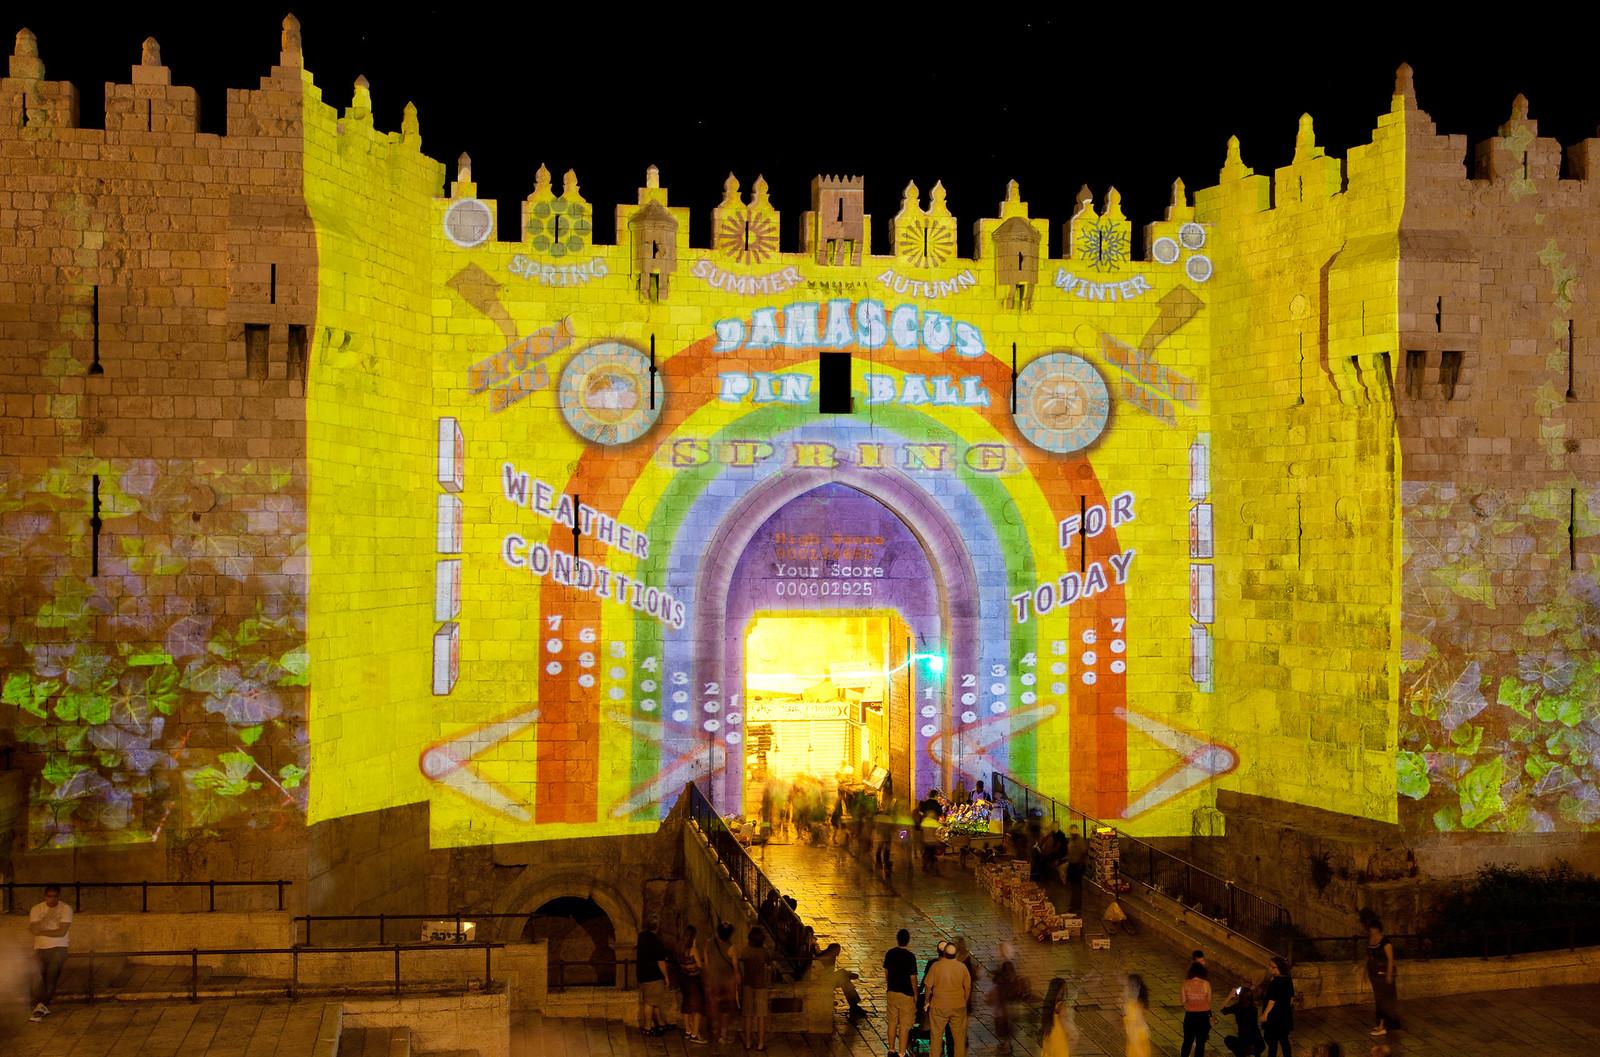 Jerusalem_Festival of Light_Old City_6_Noam Chen_IMOT